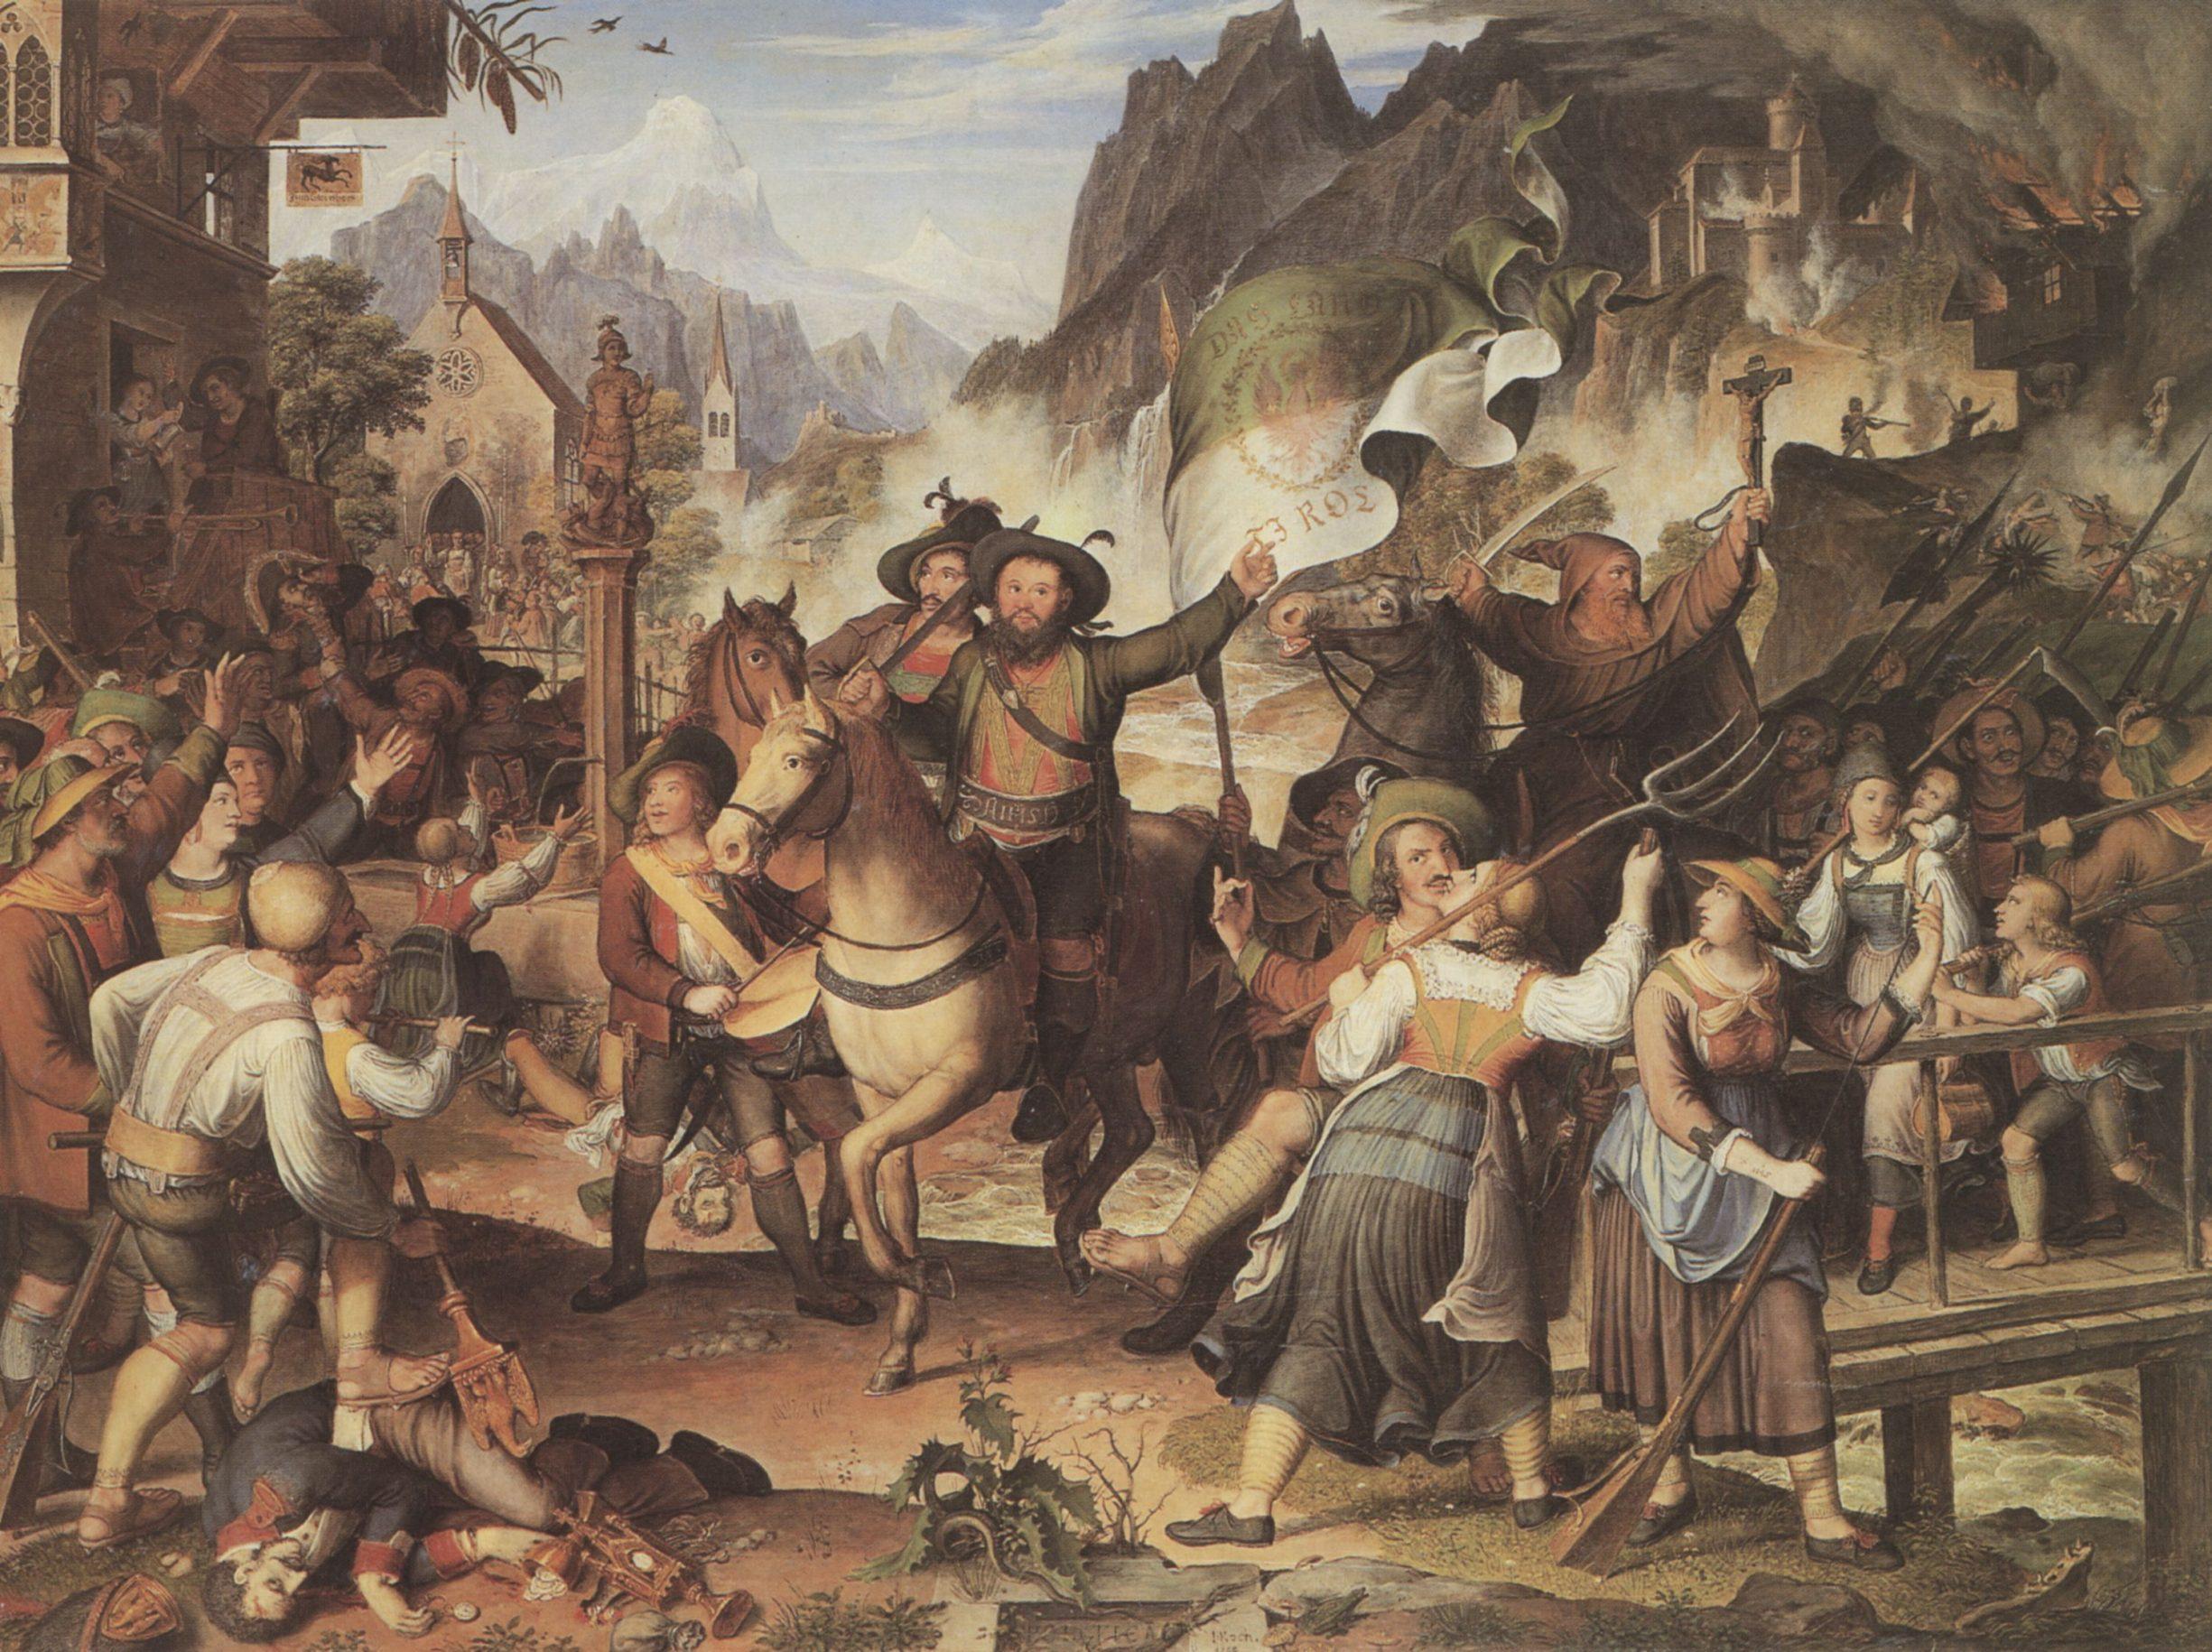 Tiroler Landsturm 1809 oliemaleri af Joseph Anton Koch (1768–1839) circa 1820. Scene fra det tyrolske bondeoprør ledet af Andrea Hofer mod Fransk besættelse. Public Domain.